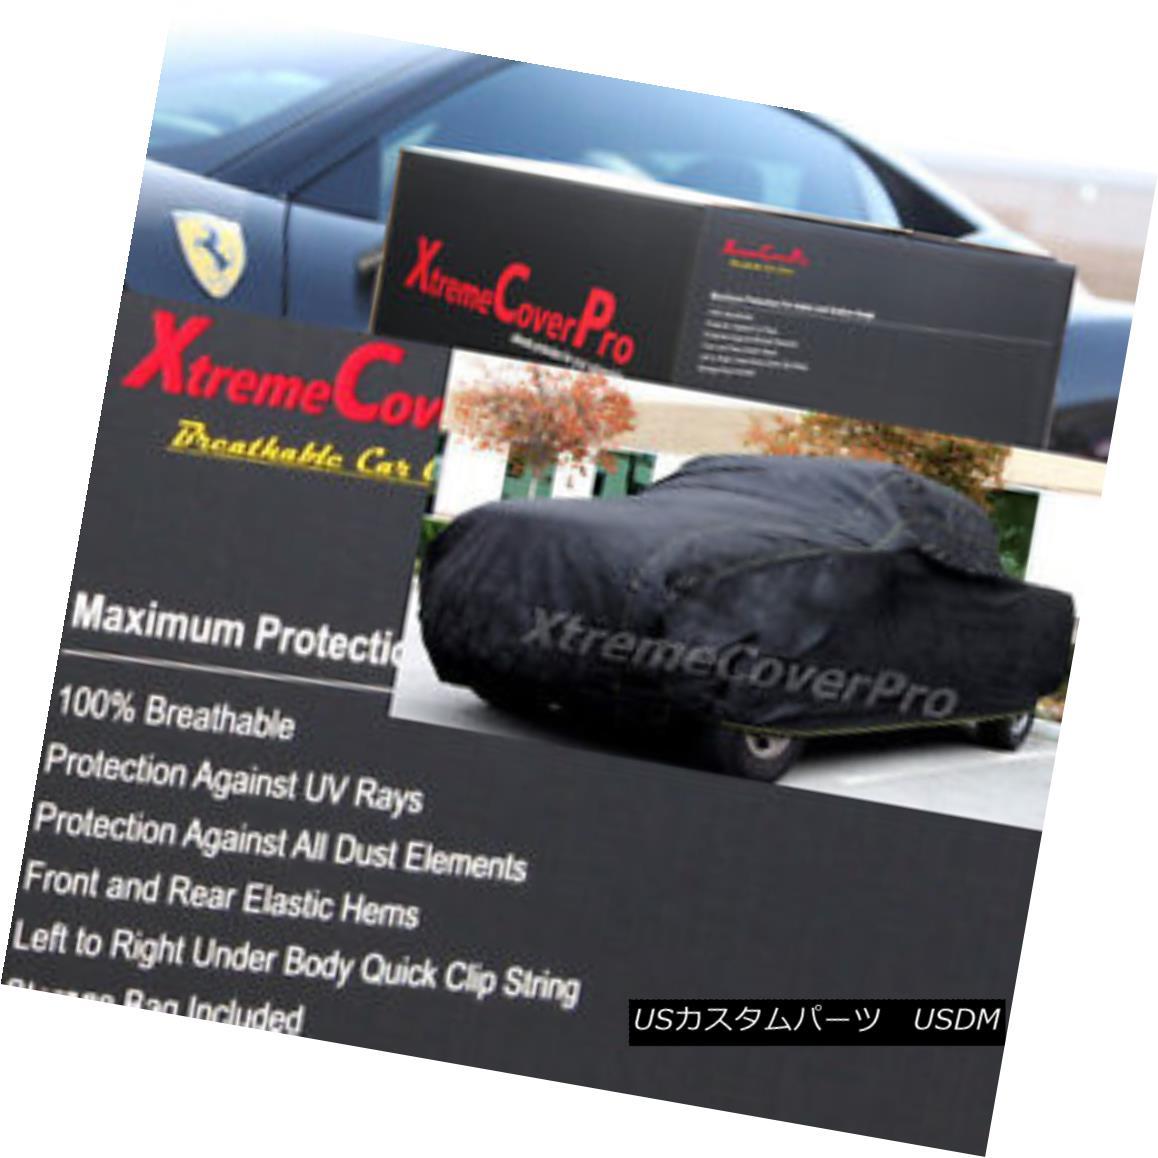 カーカバー 2002 2003 2004 2005 Dodge Ram 1500 Reg Cab 8ft Long bed Breathable Truck Cover 2002 2003 2004 2005ダッジラム1500レッグキャブ8ftロングベッド通気性トラックカバー